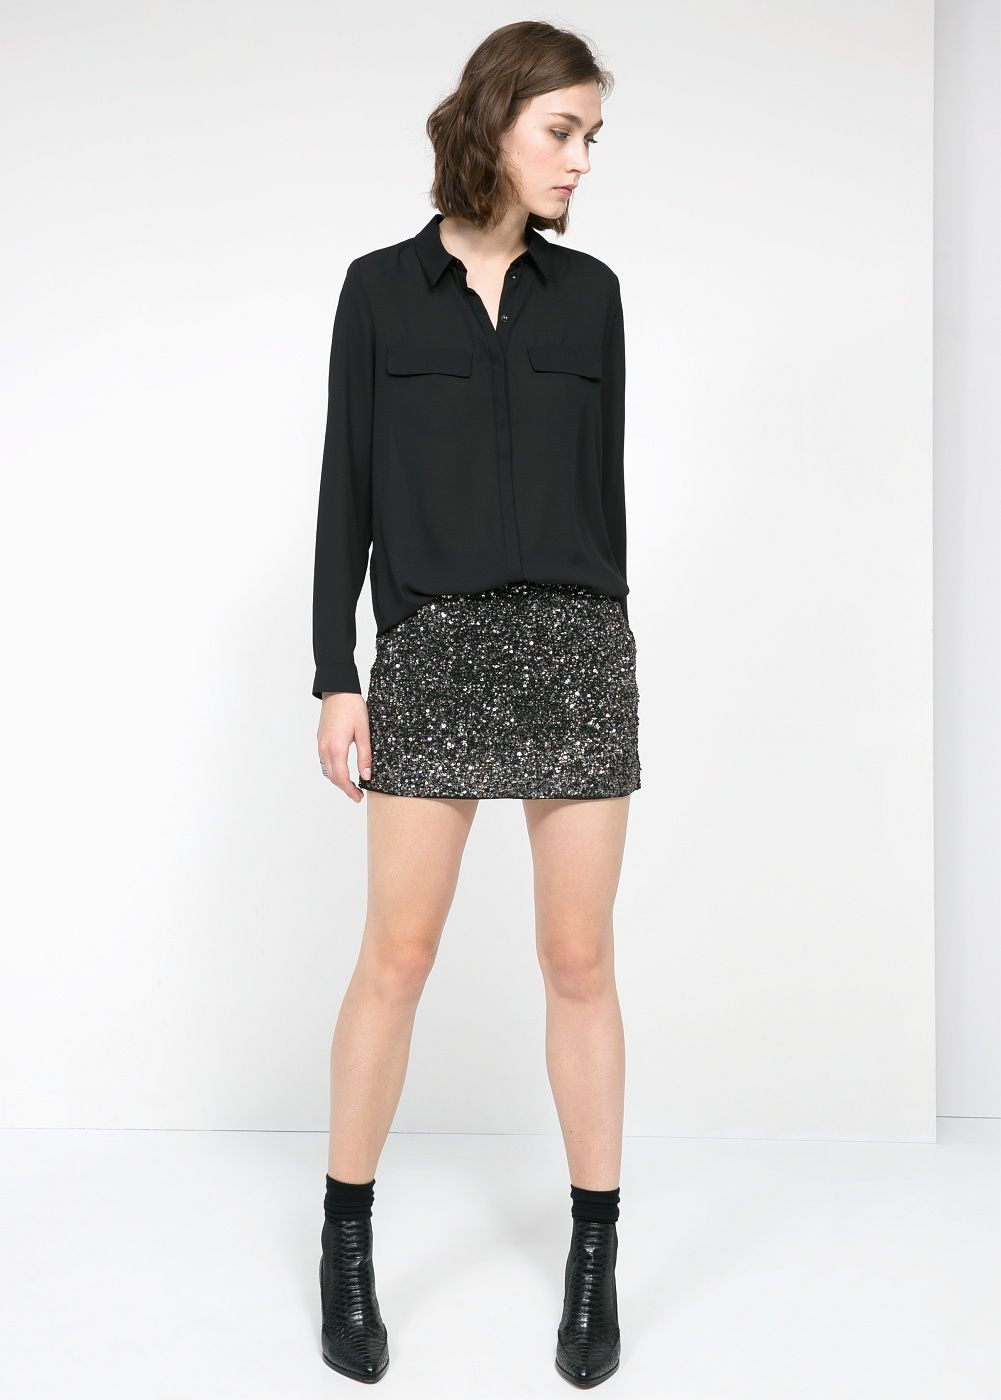 6e2f743e3b Minifalda lentejuelas - Mujer